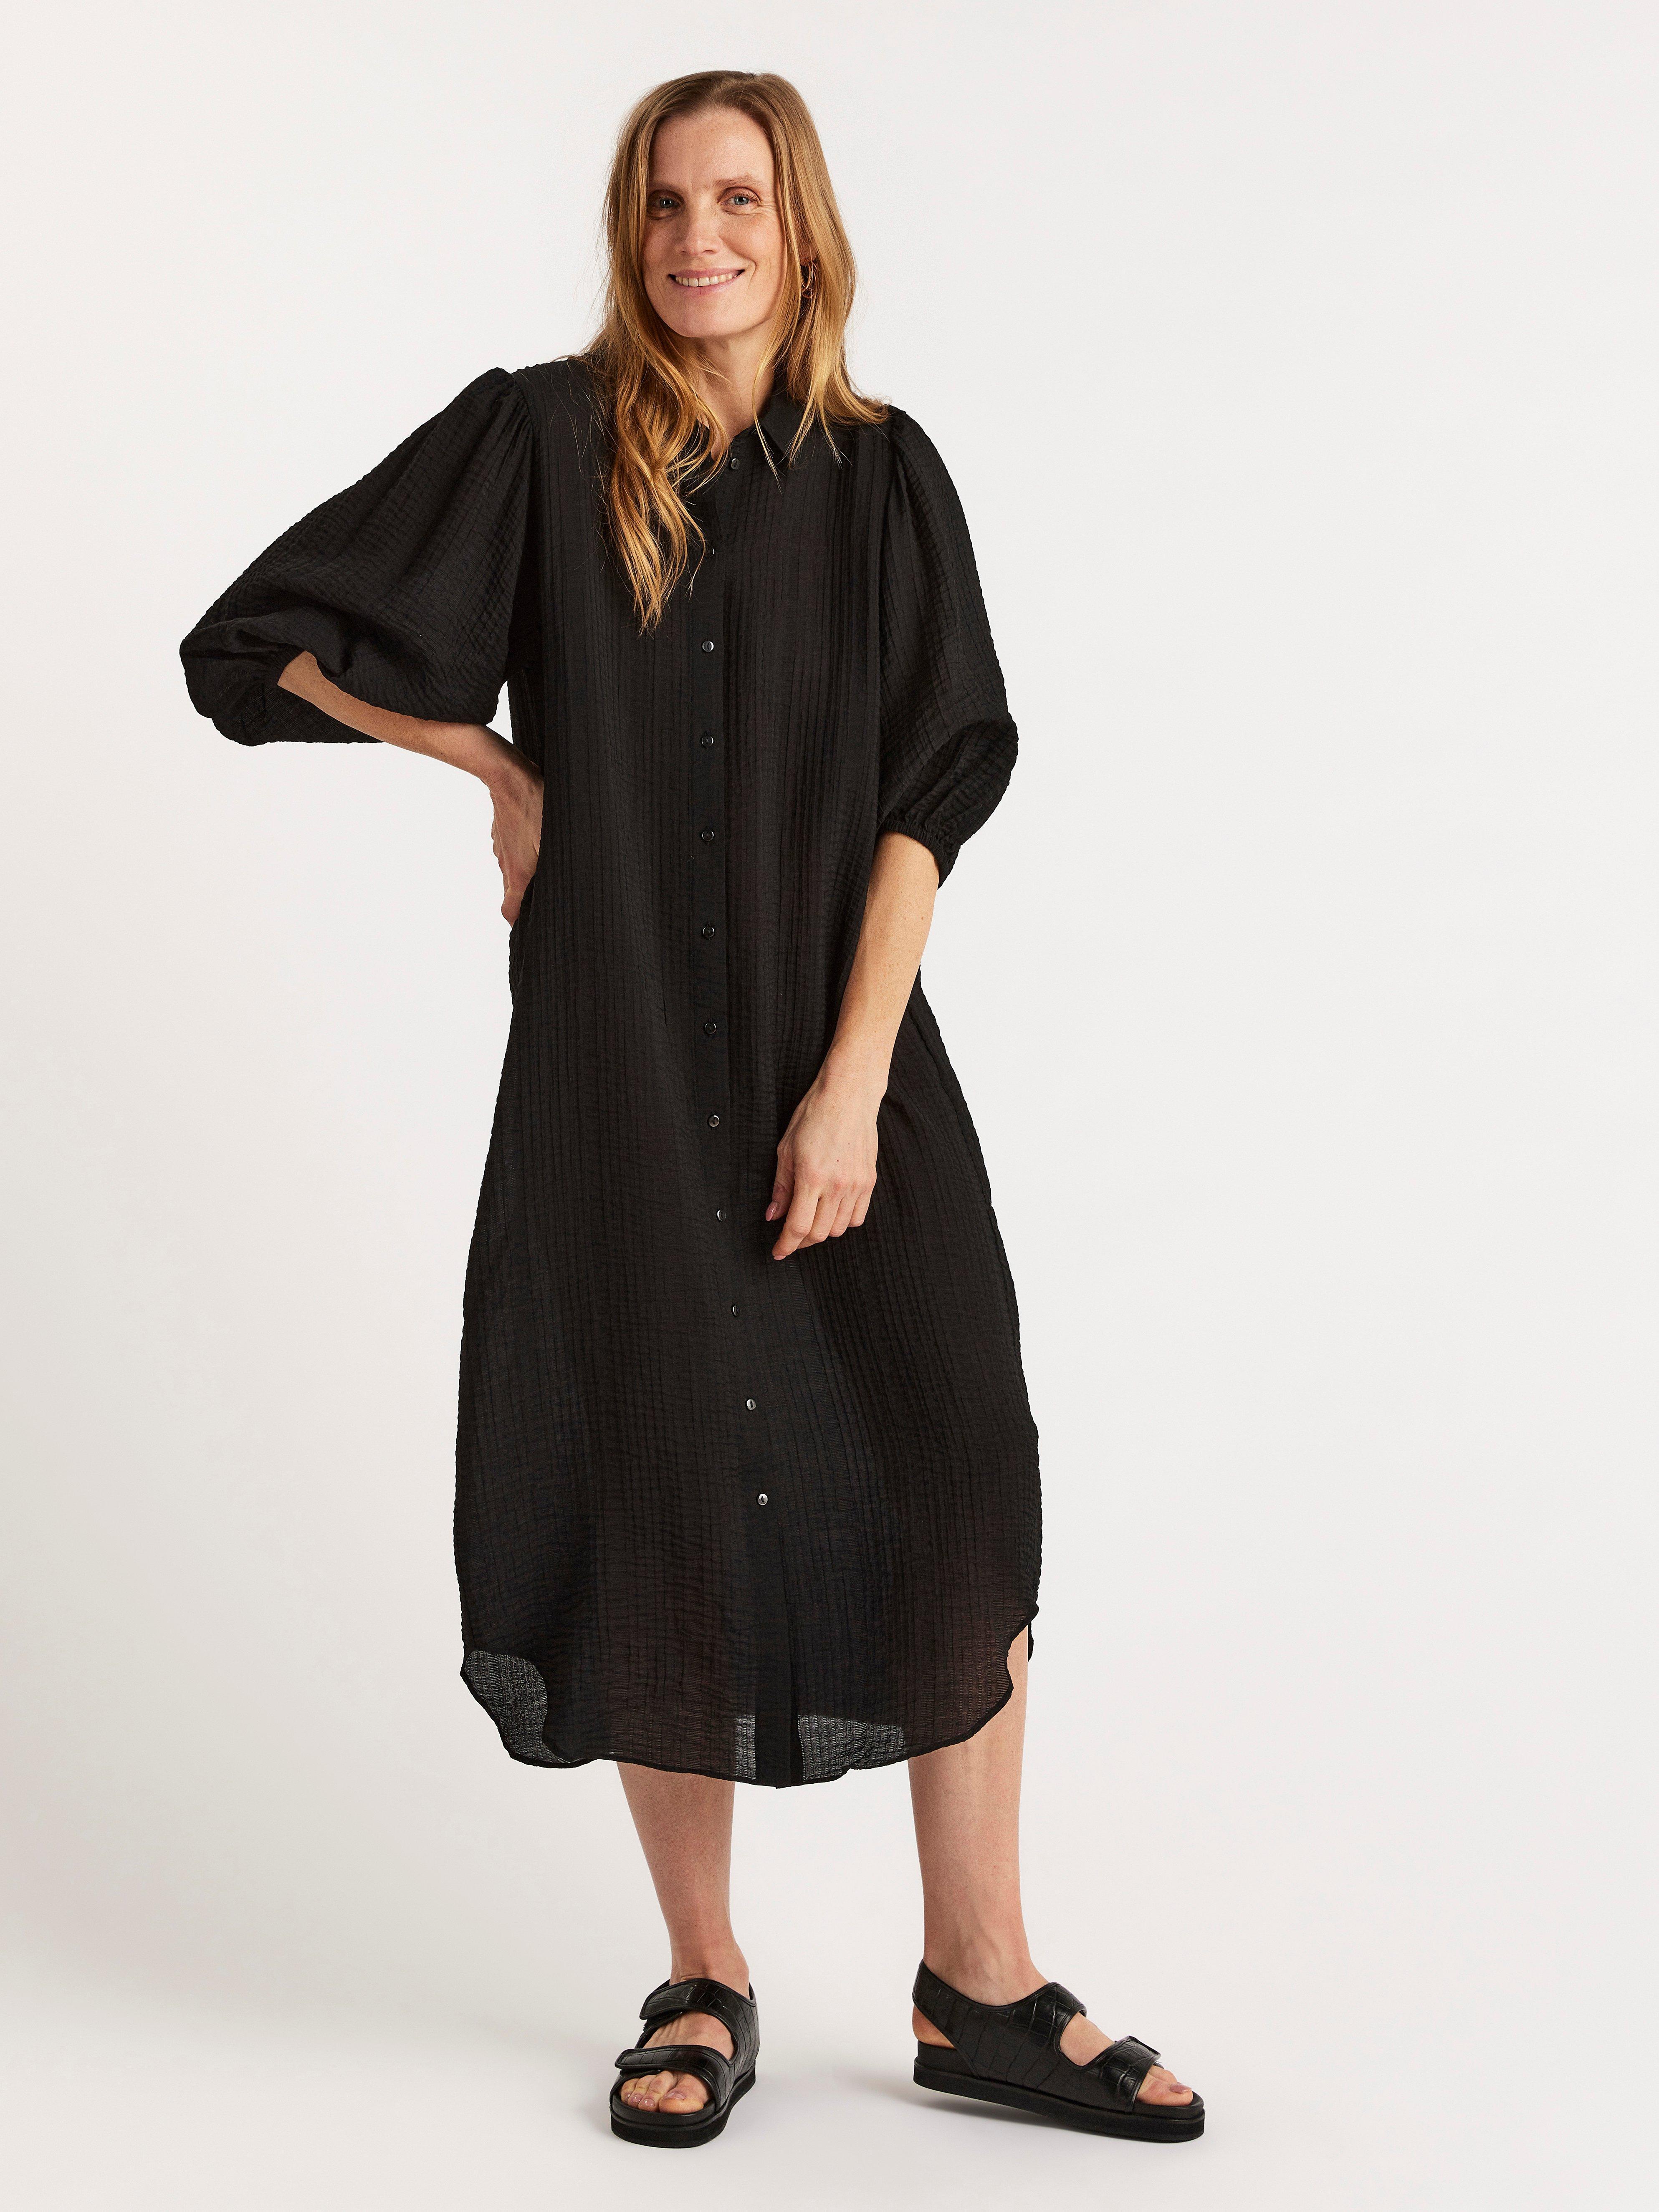 Puhvihihainen mekko